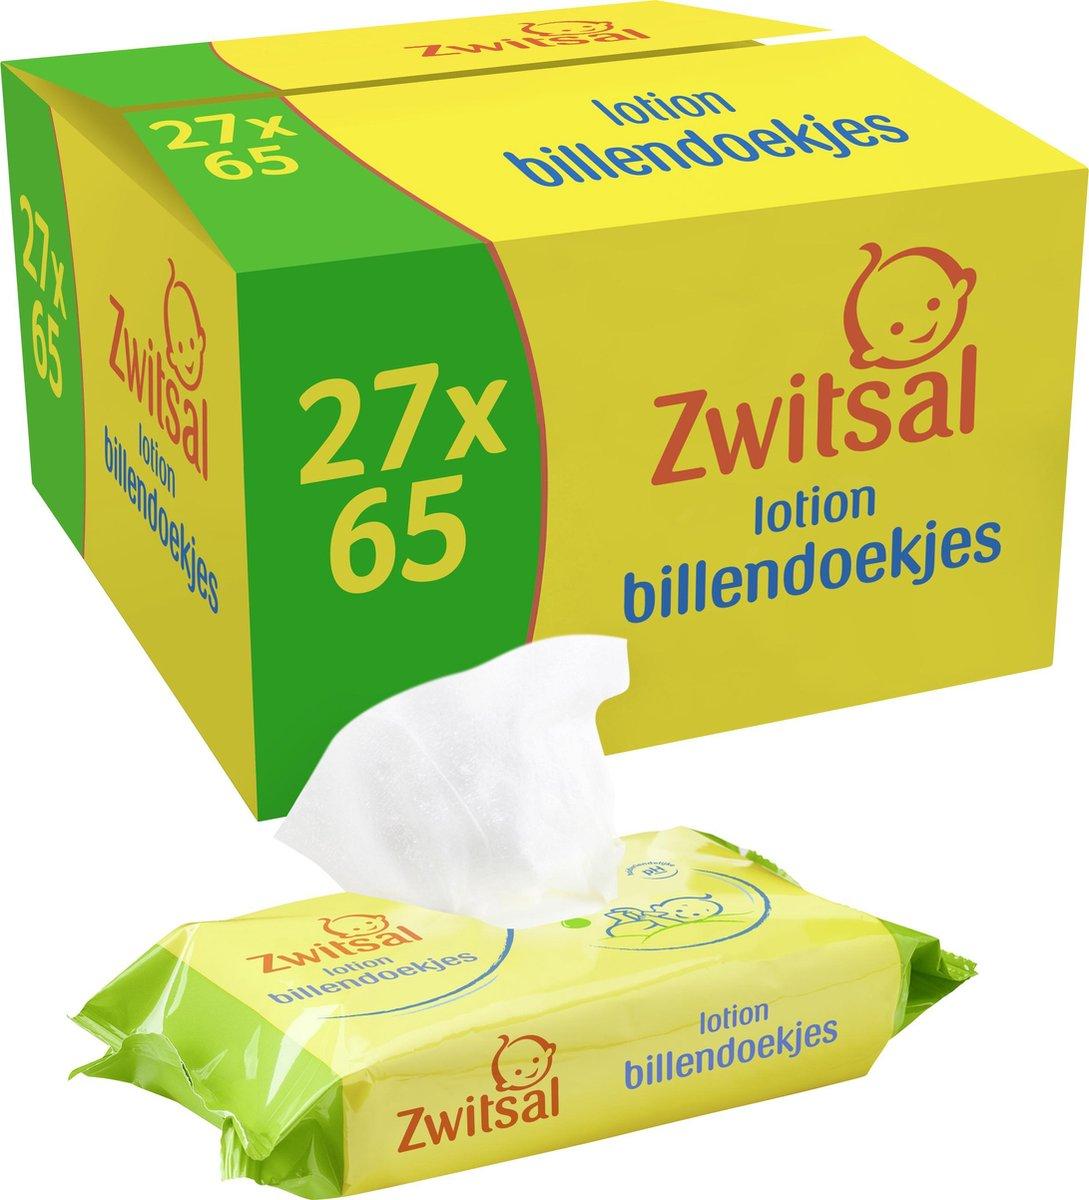 Zwitsal Lotion Billendoekjes - 1755 billendoekjes - Voordeelverpakking